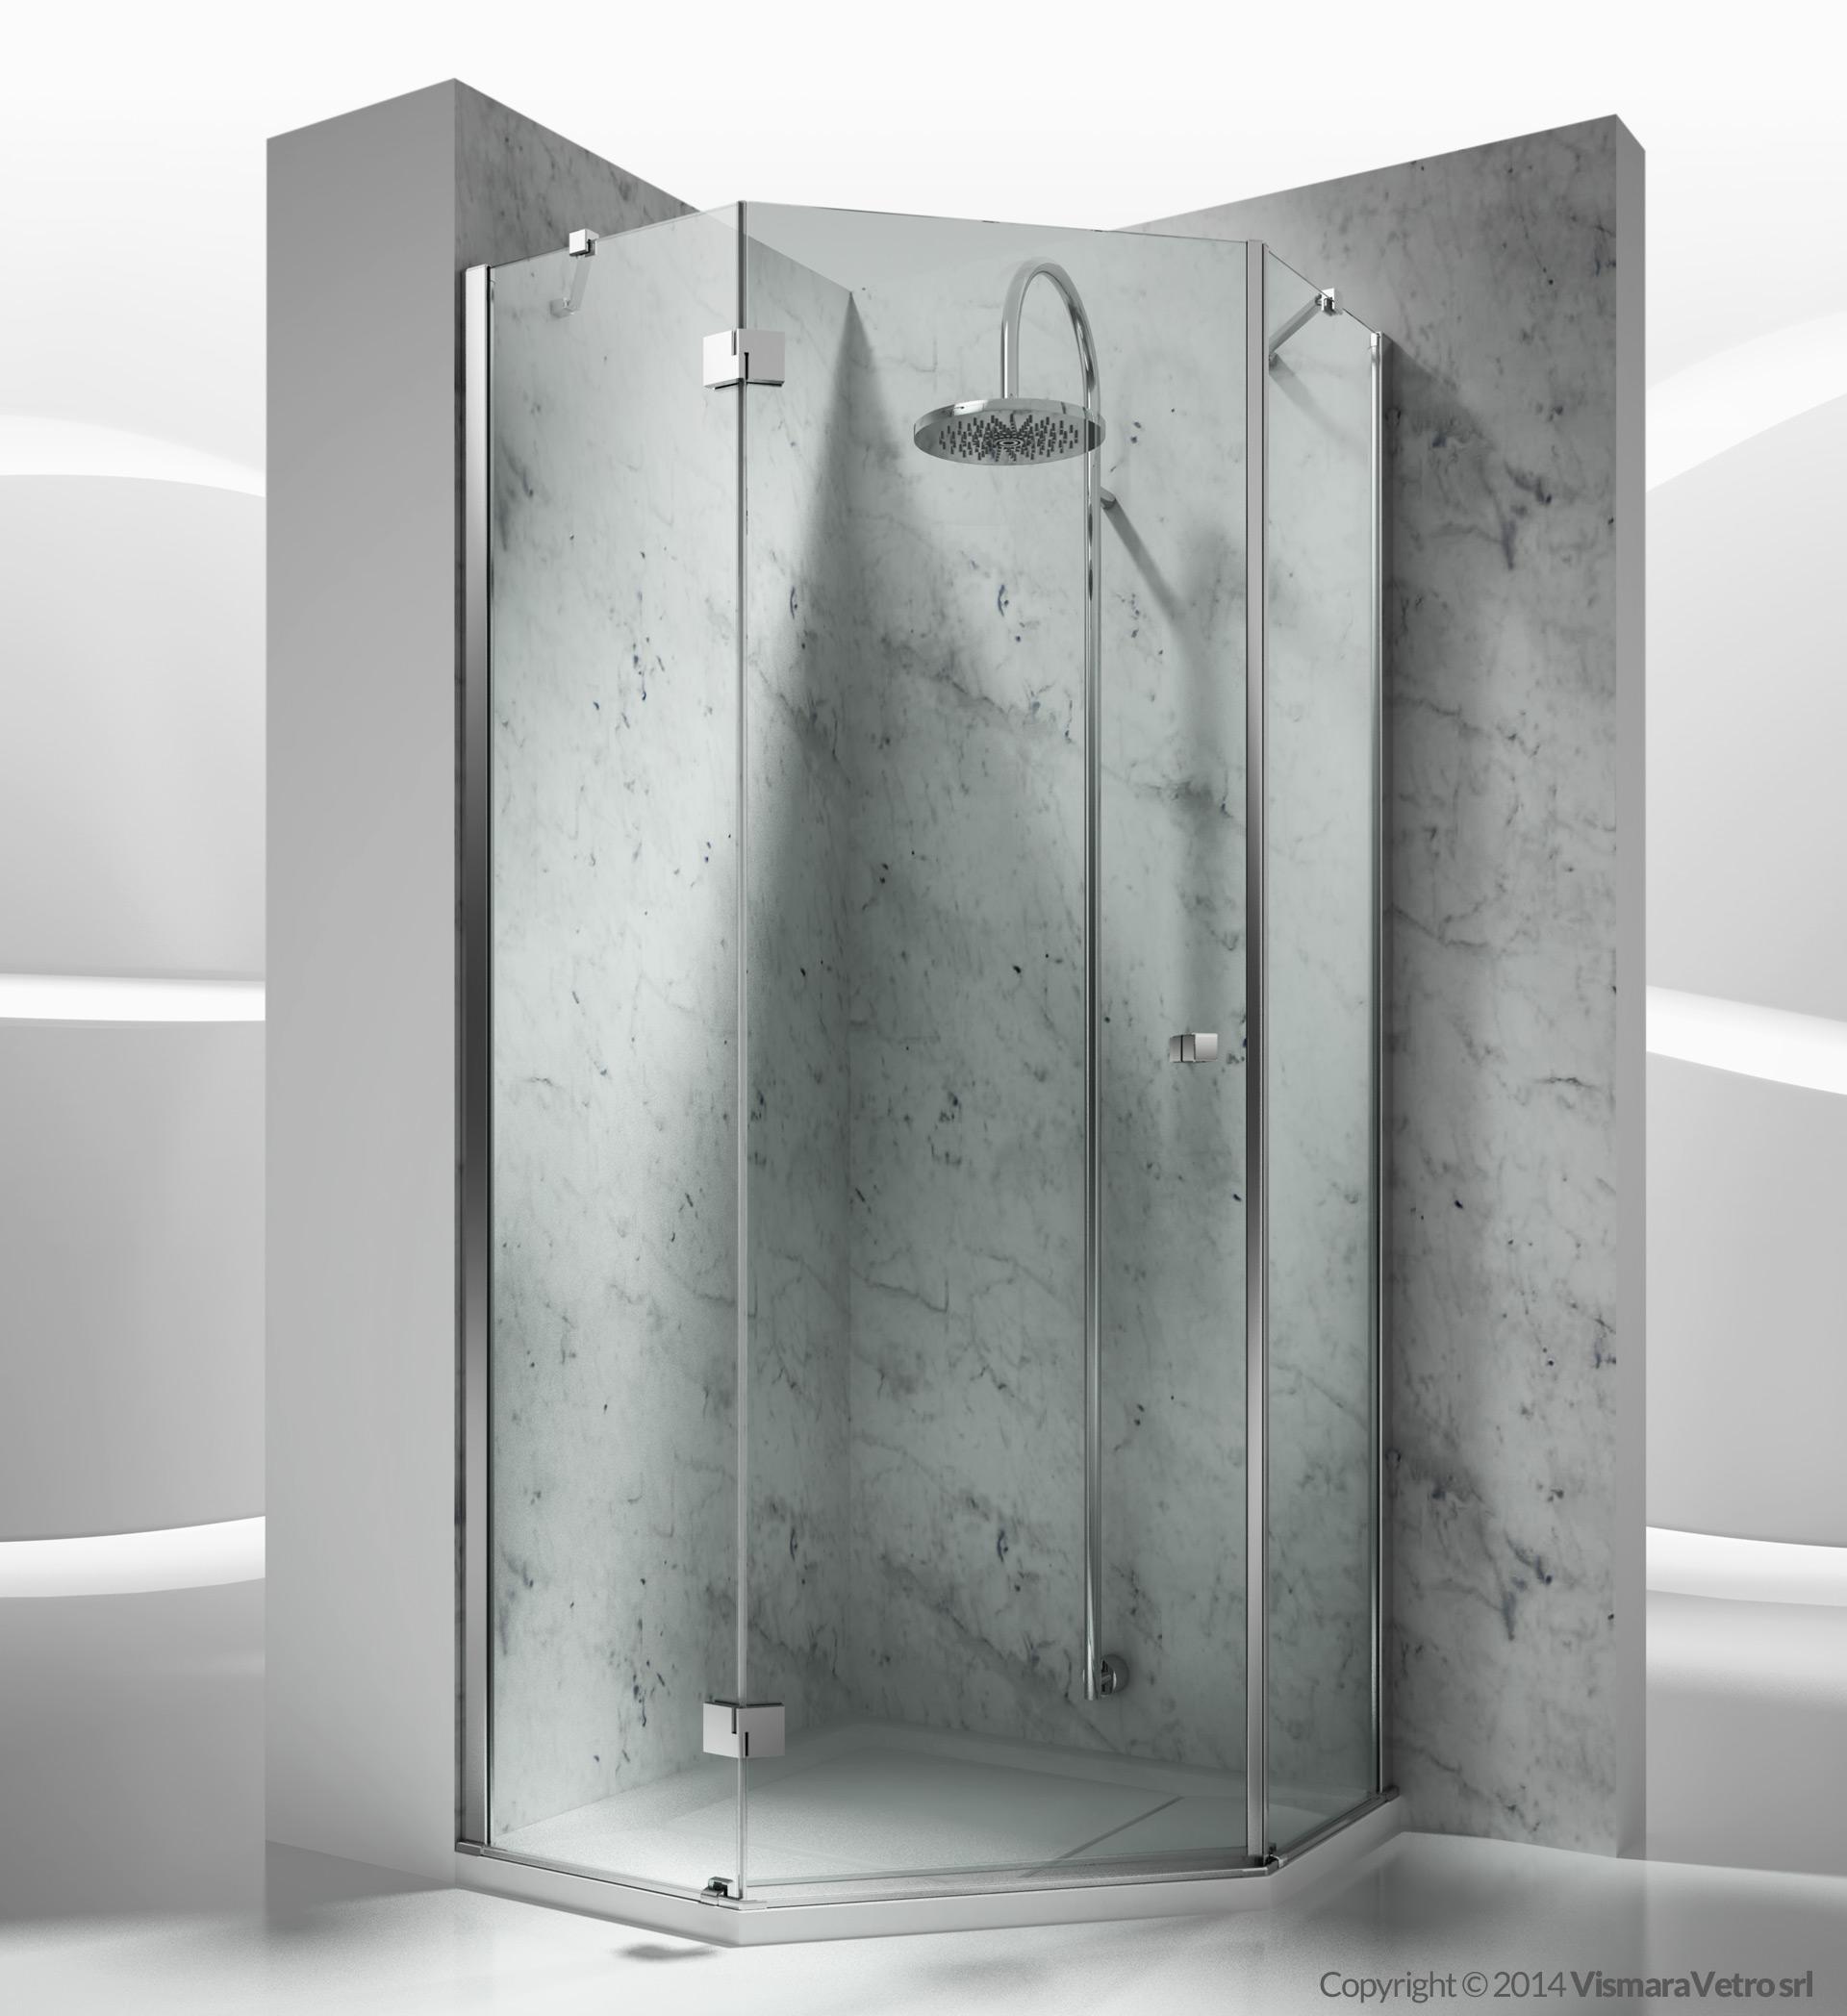 Trs sintesi modelli cabine doccia con apertura battente for Adesivi per box doccia